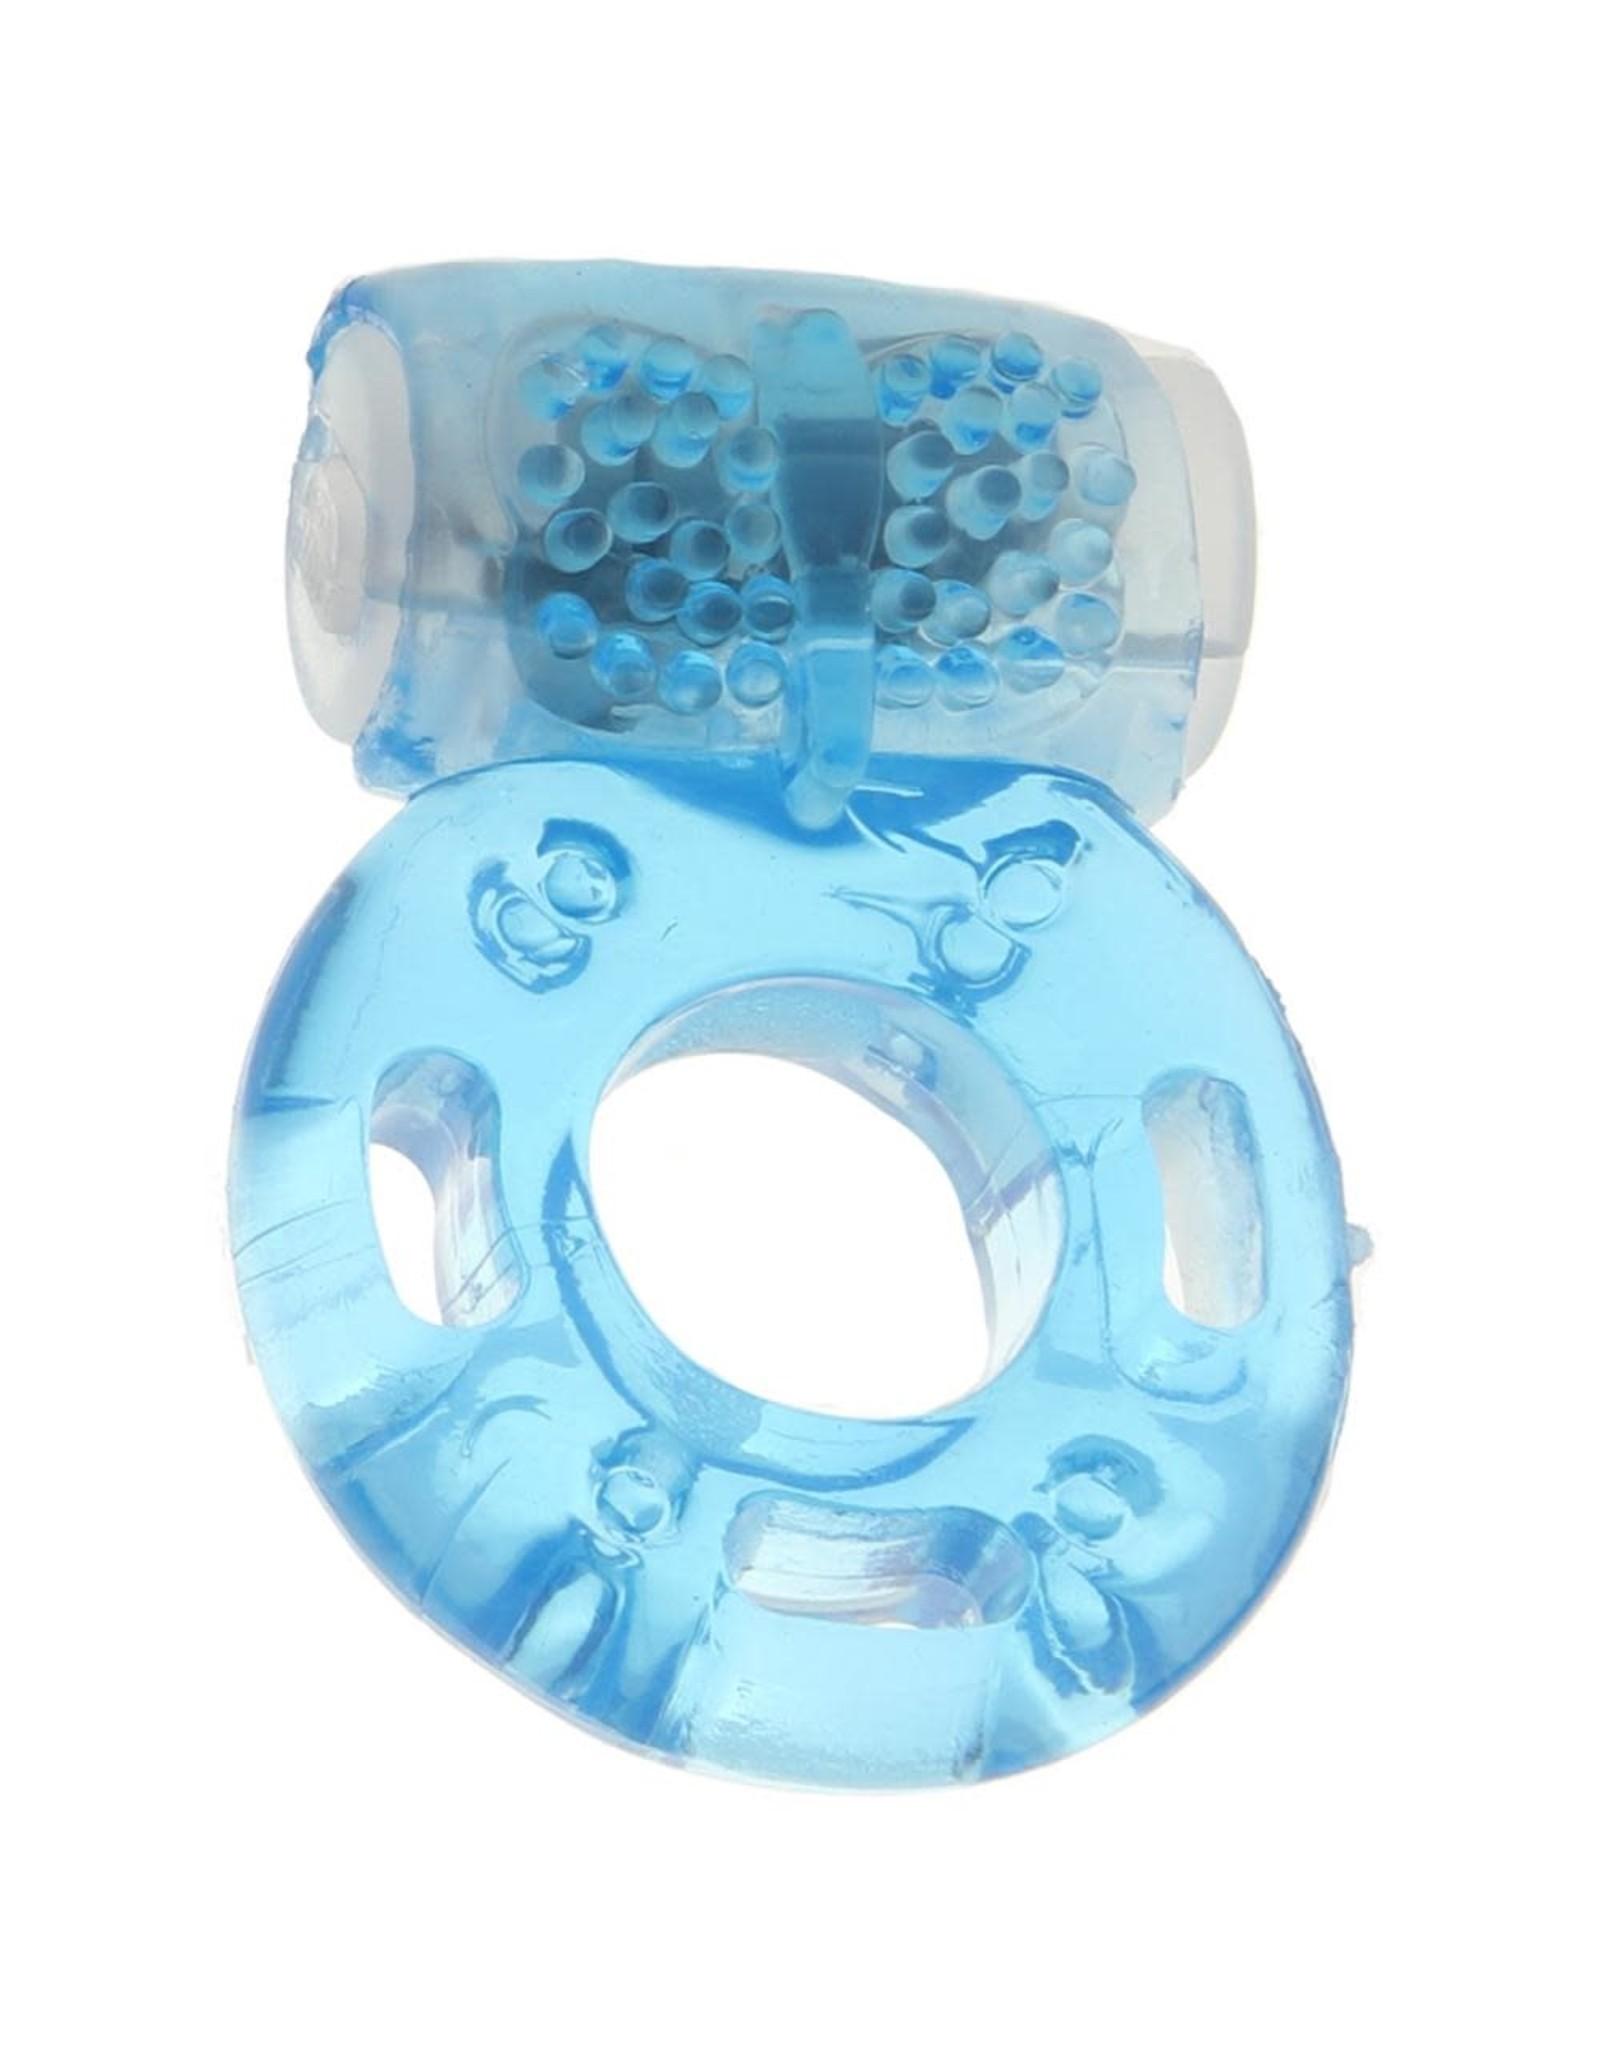 CALEXOTICS CALEXOTICS - FOIL PACK VIBRATING RING - BLUE